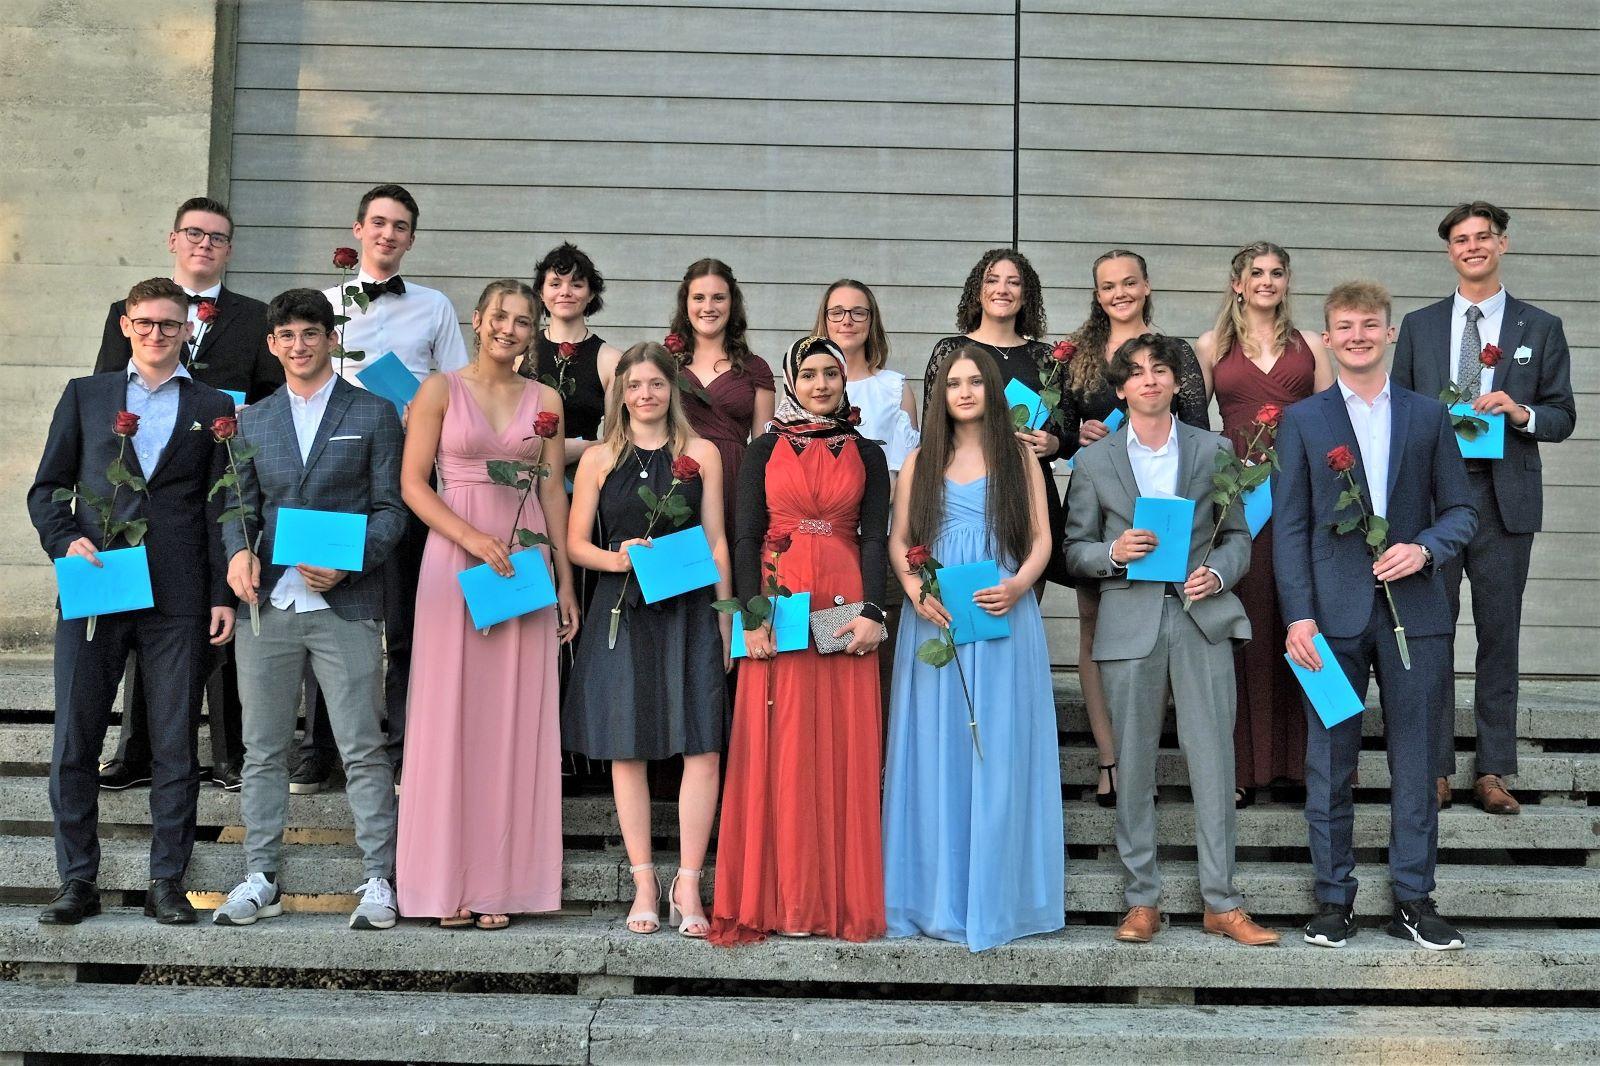 Glückliche Absolventinnen und Absolventen der Klasse 4b des Kurzzeitgymnasiums an der Kantonsschule Seetal. Bild: Philipp Büchi